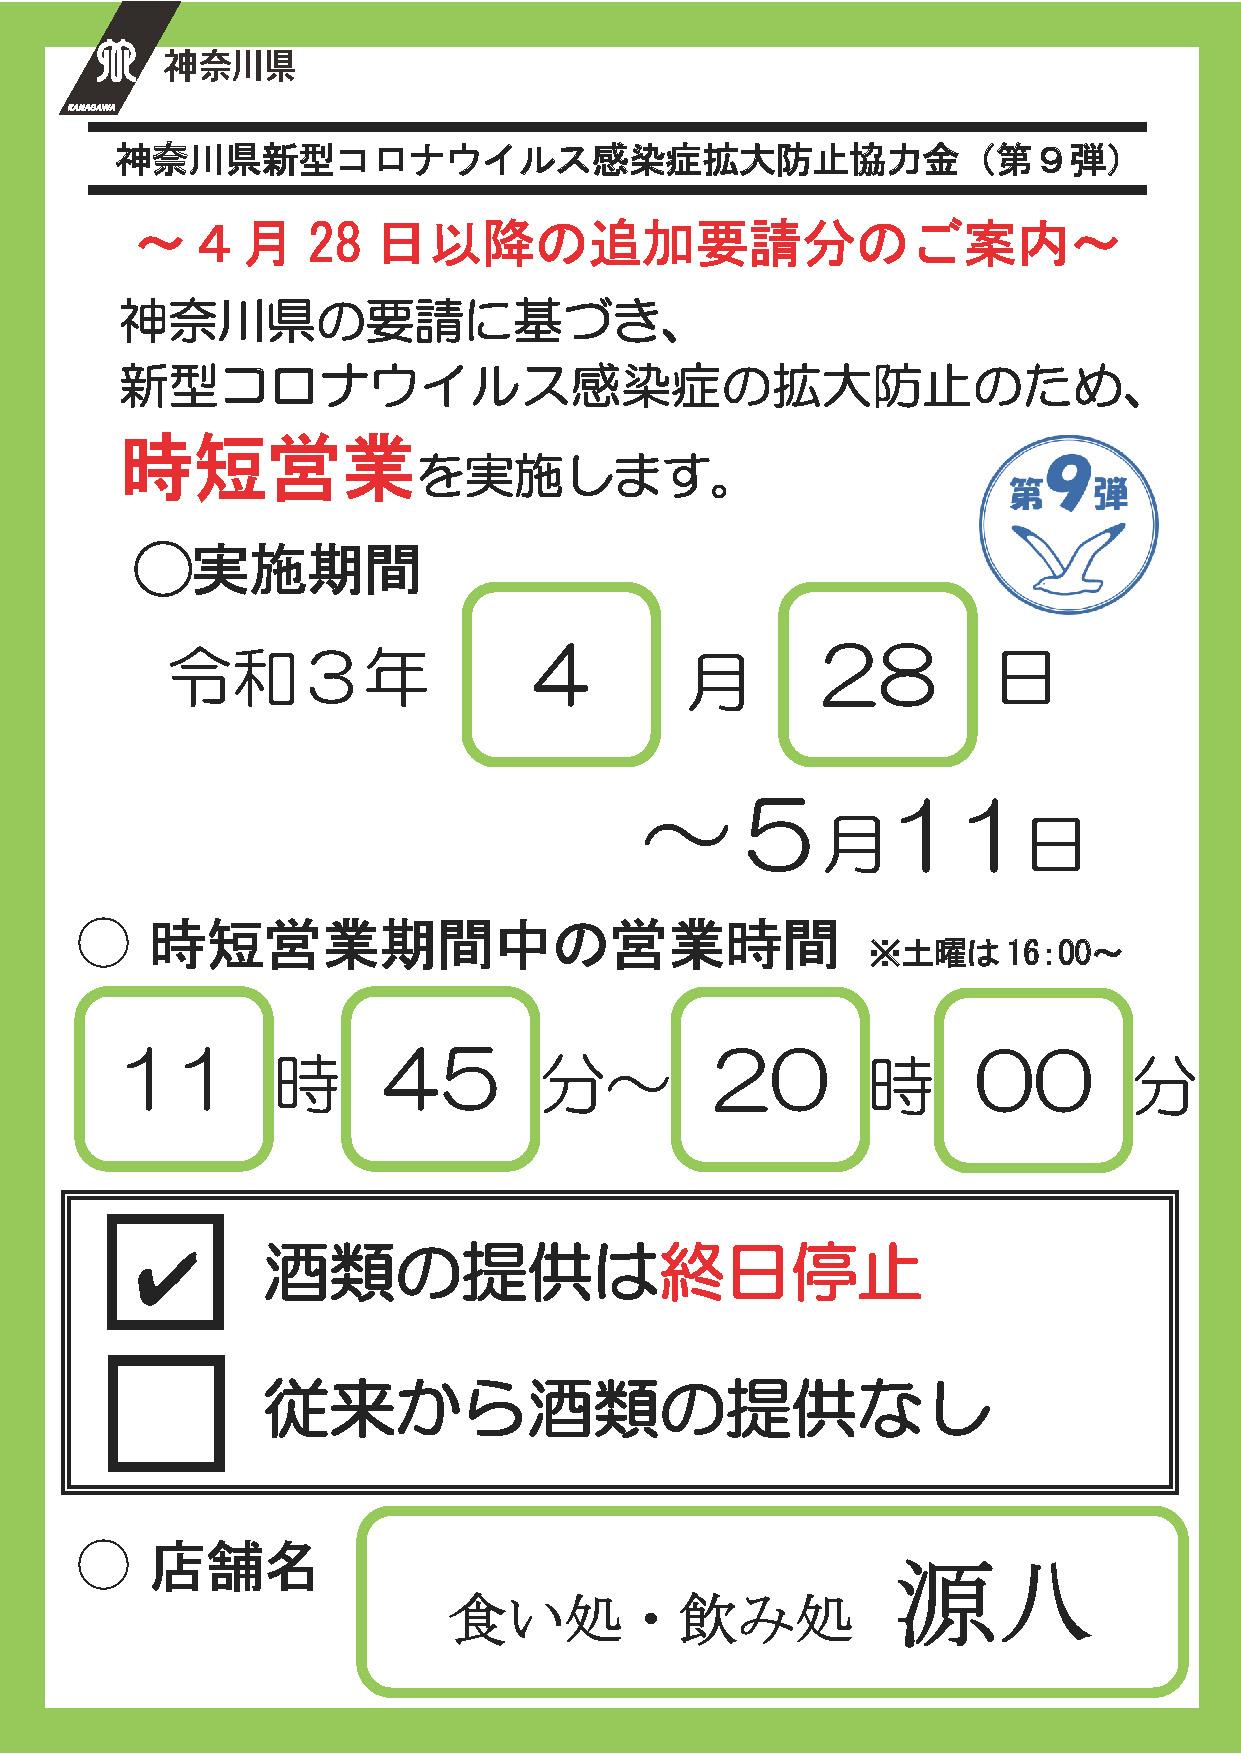 仲町台 源八 営業時間短縮についてのお知らせ